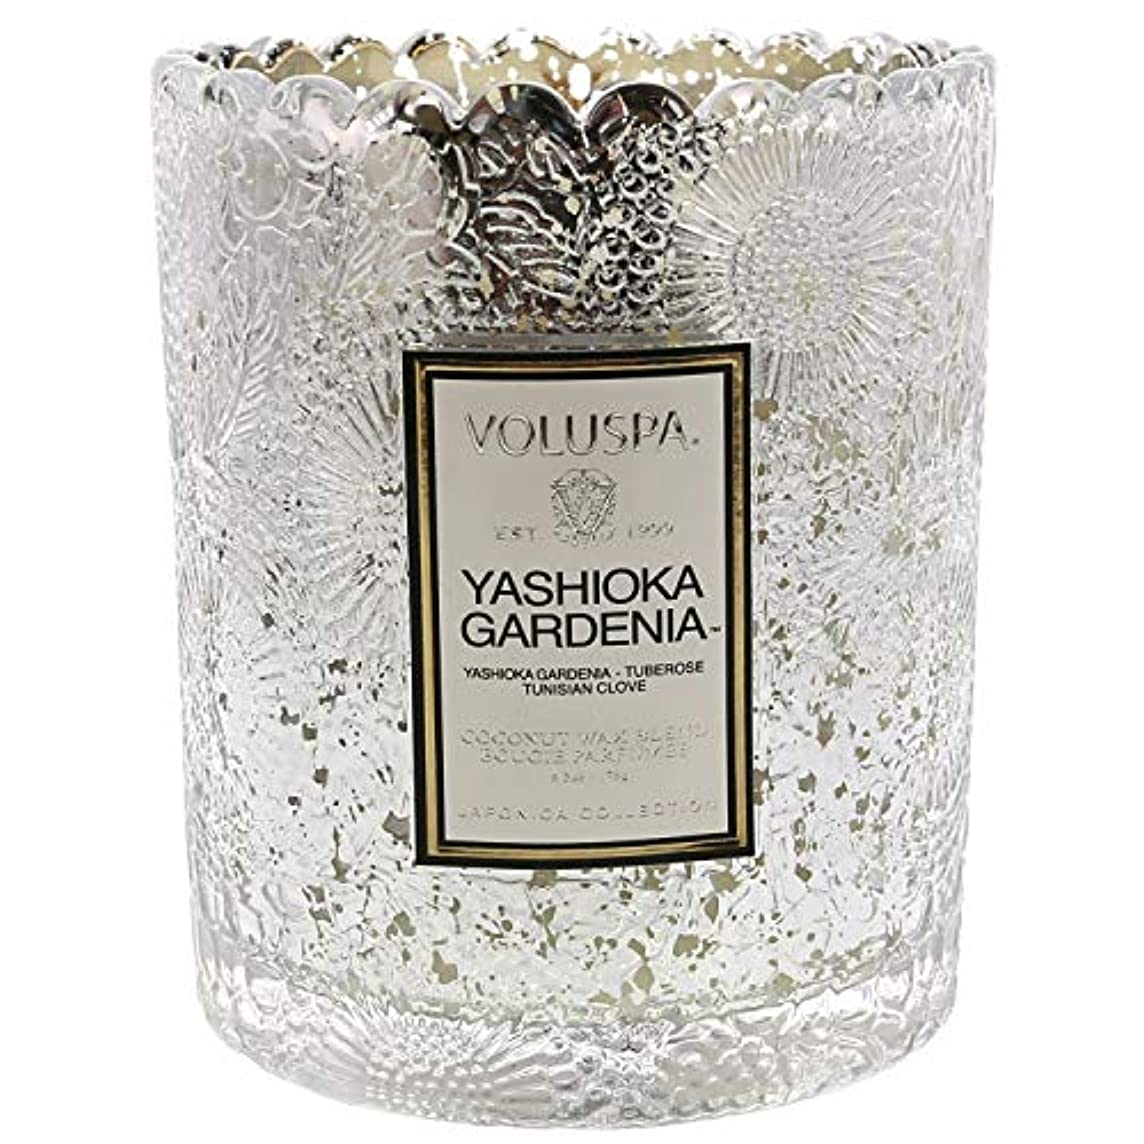 金属彼は神経Voluspa ボルスパ ジャポニカ リミテッド スカラップグラスキャンドル  ヤシオカガーデニア YASHIOKA GARDENIA JAPONICA Limited SCALLOPED EDGE Glass Candle